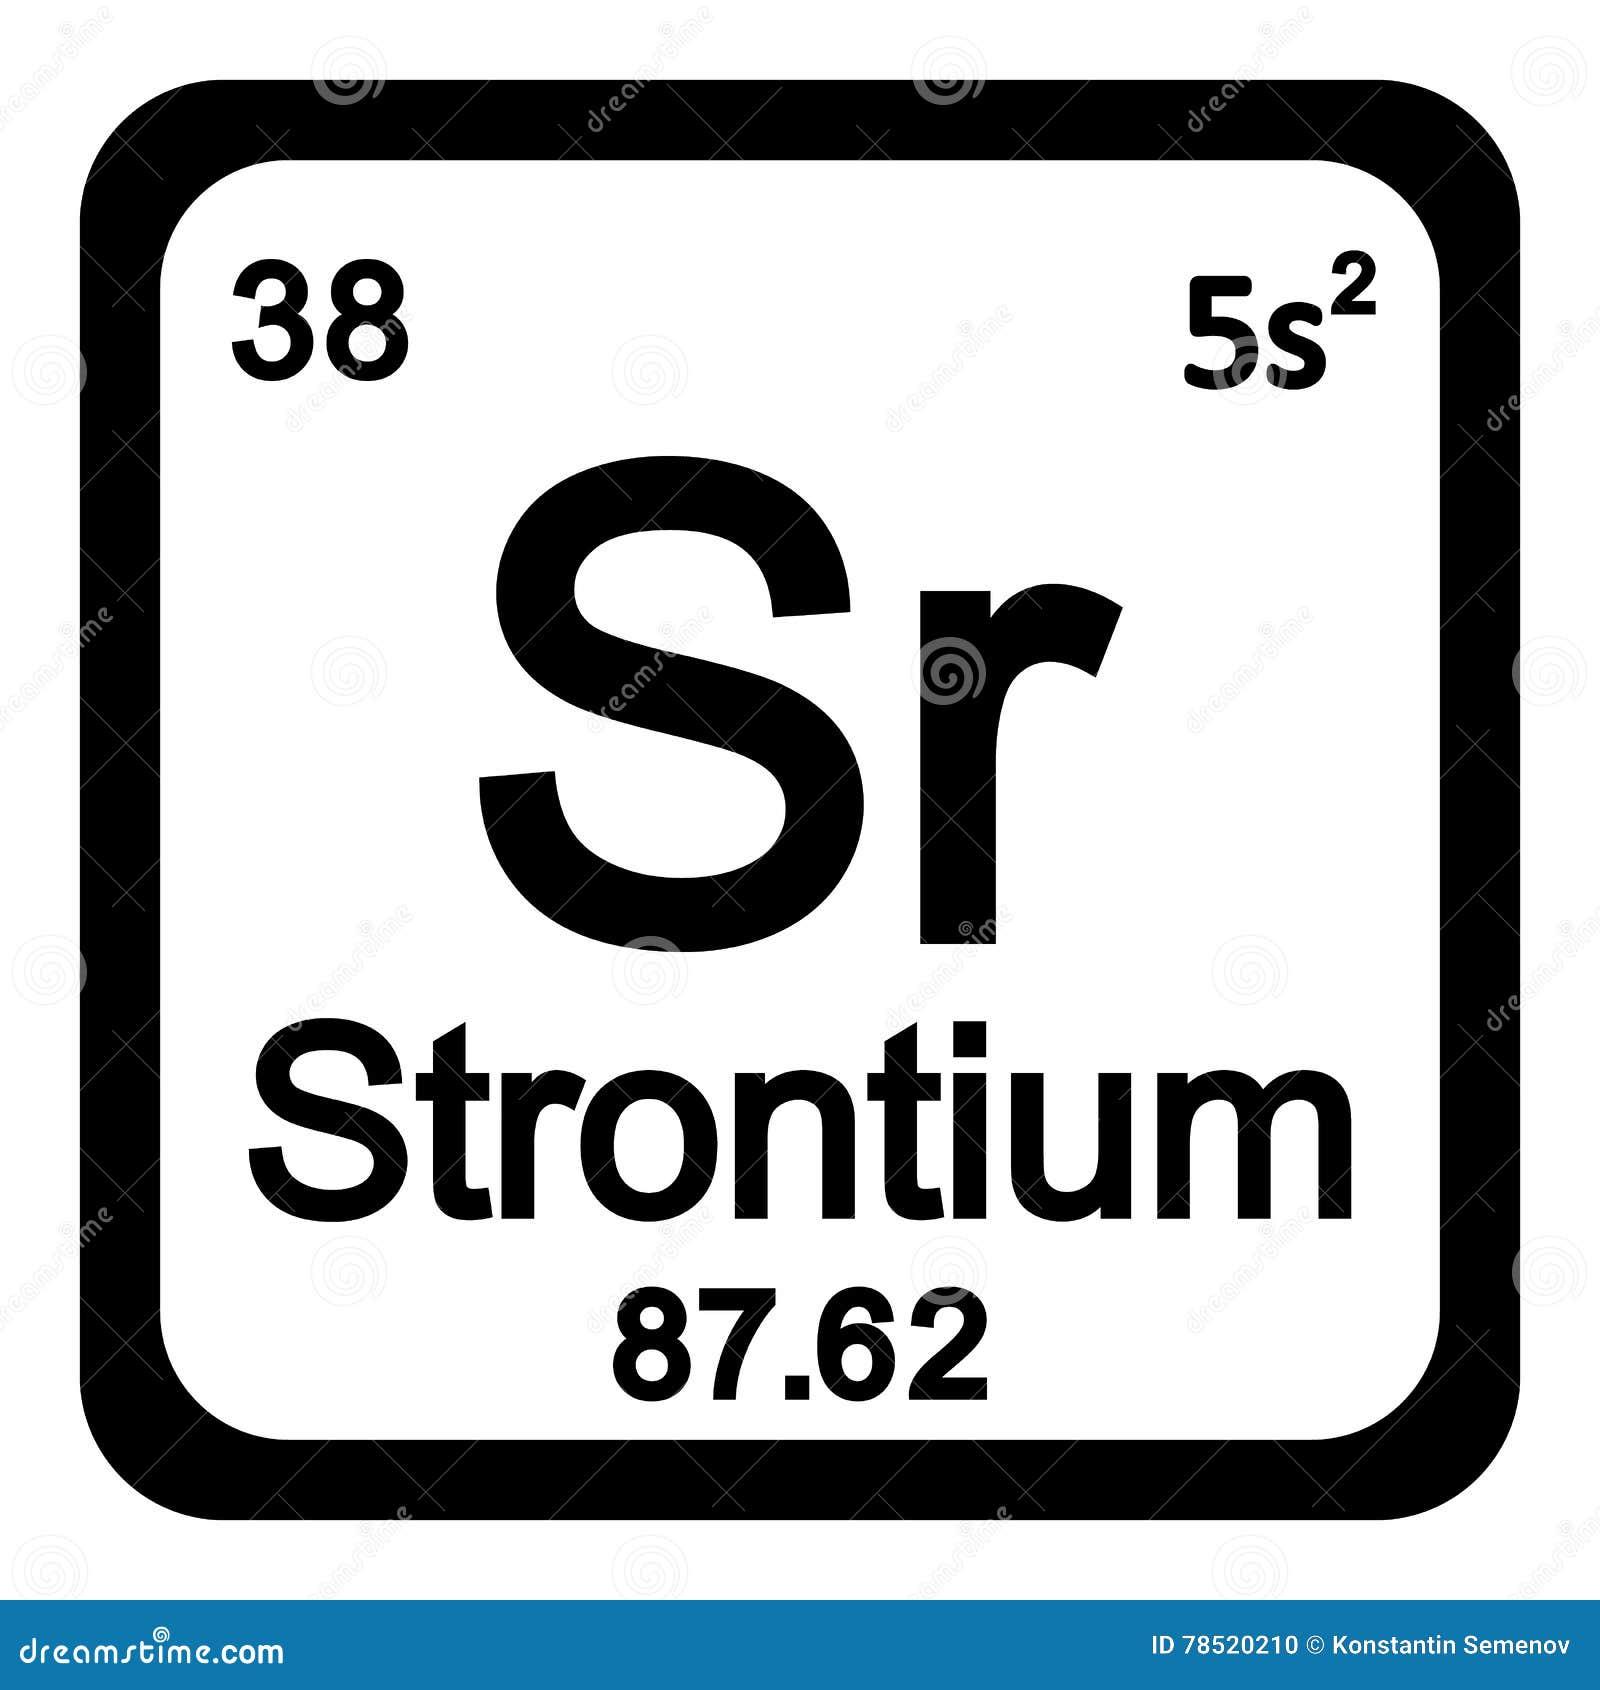 Periodic table element strontium icon stock illustration periodic table element strontium icon biocorpaavc